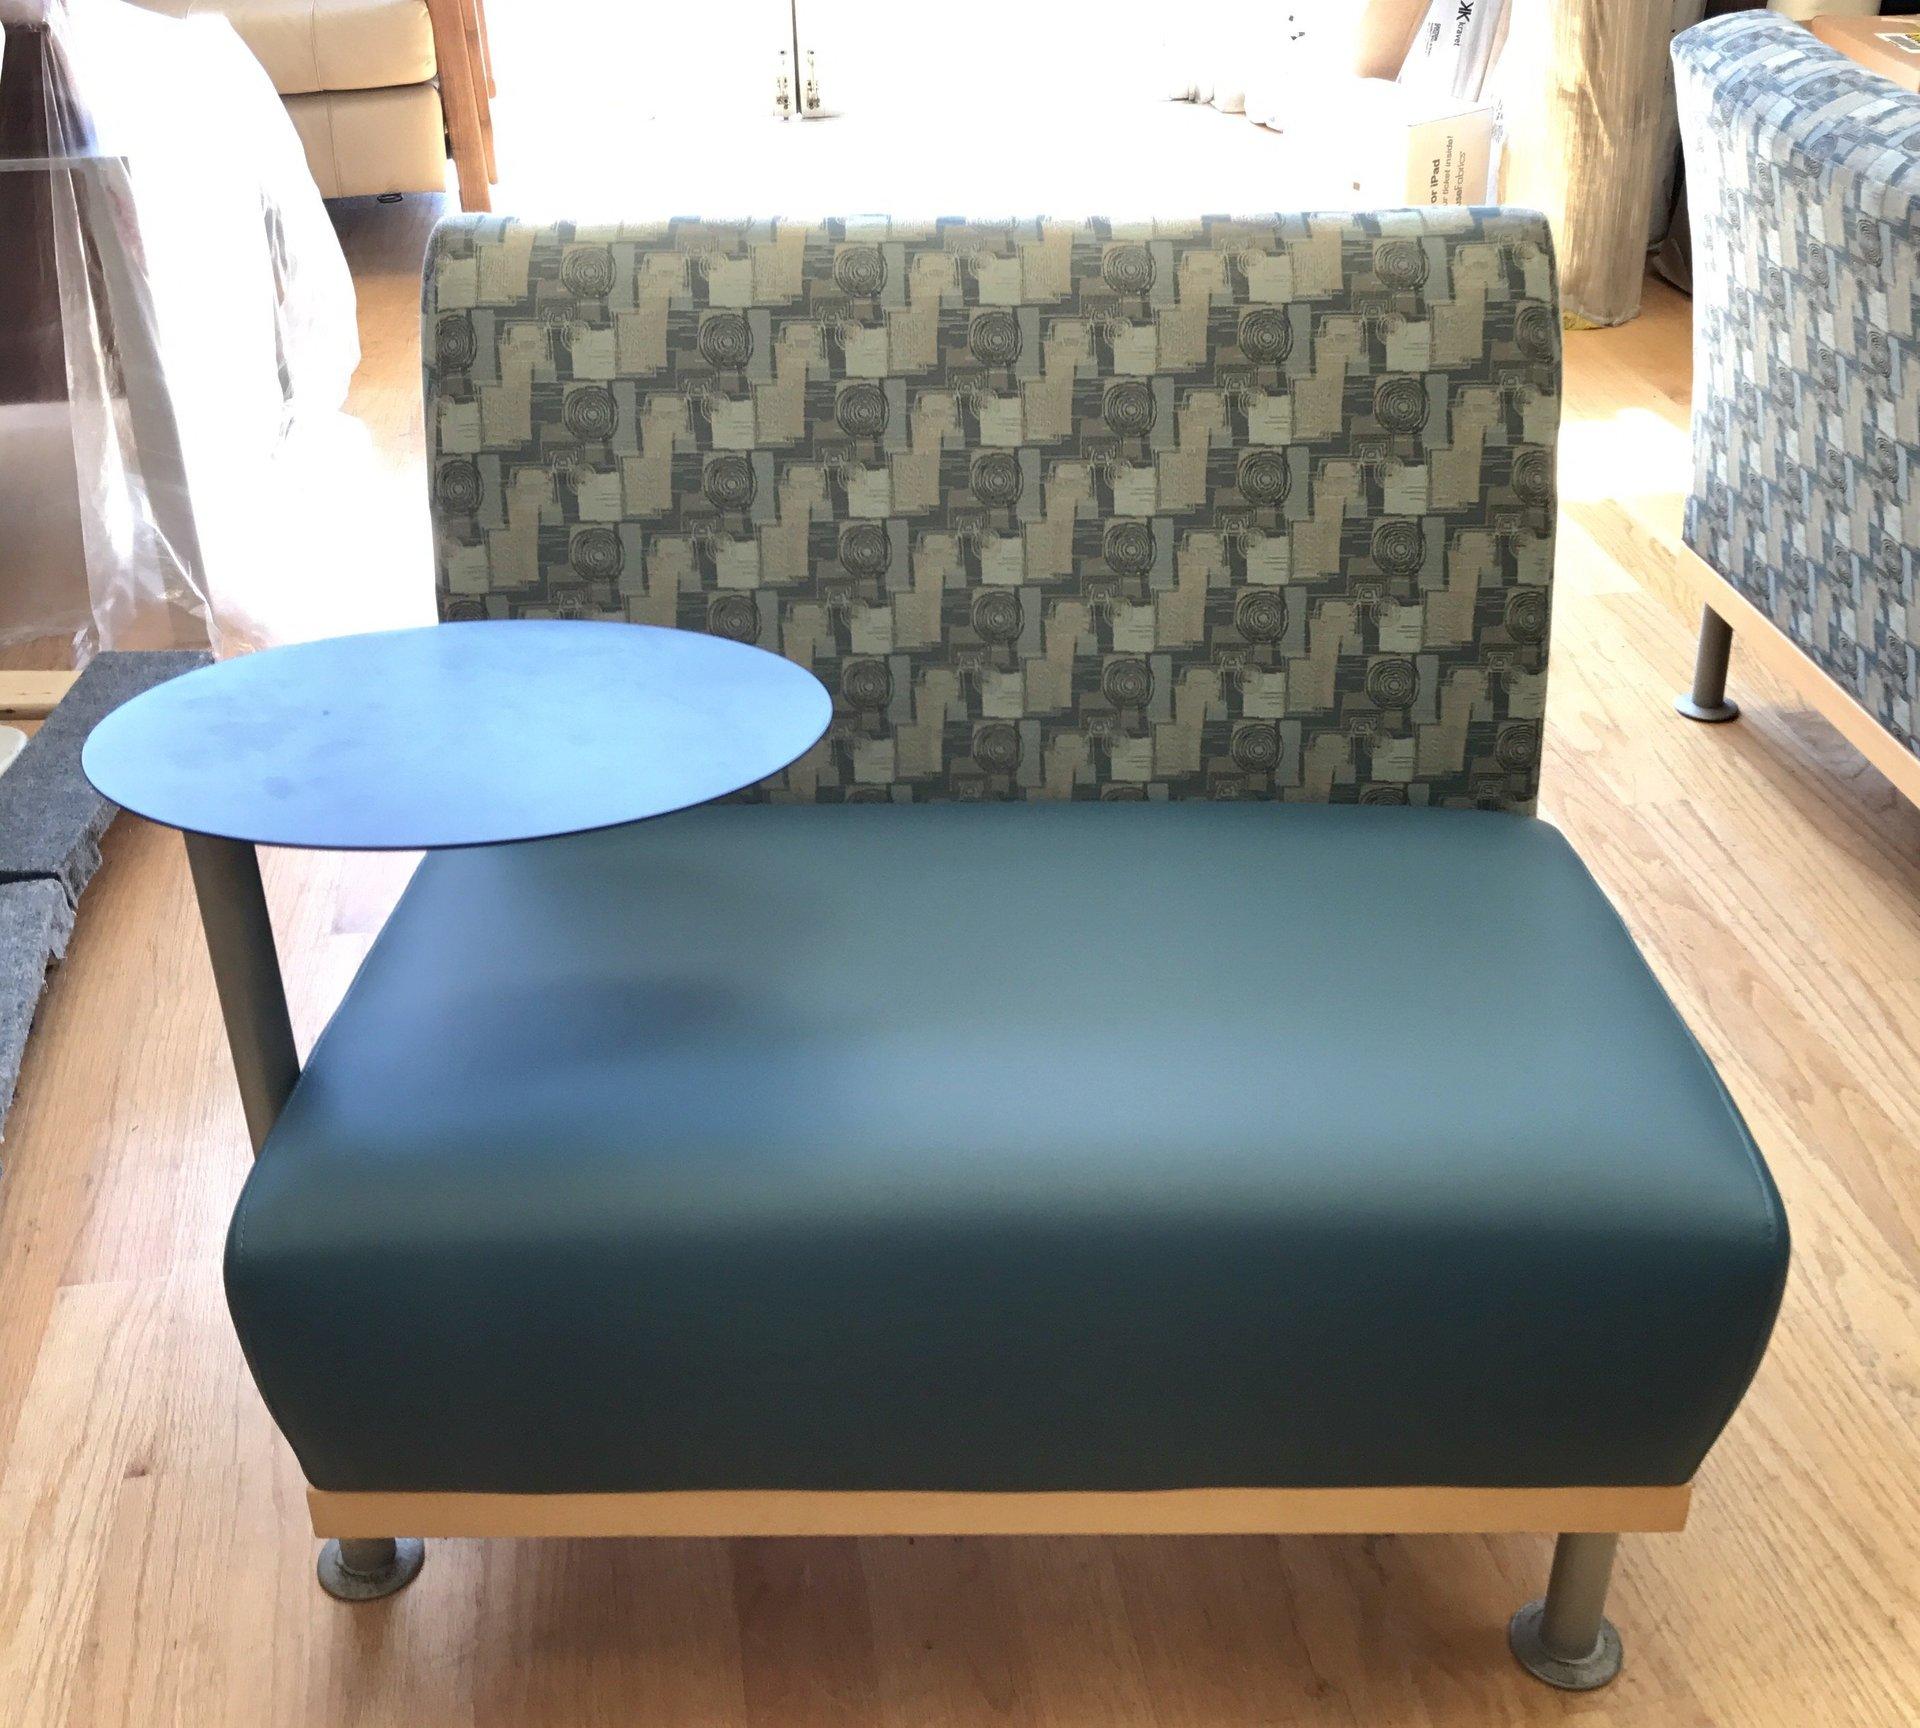 Durobilt Upholstery image 64